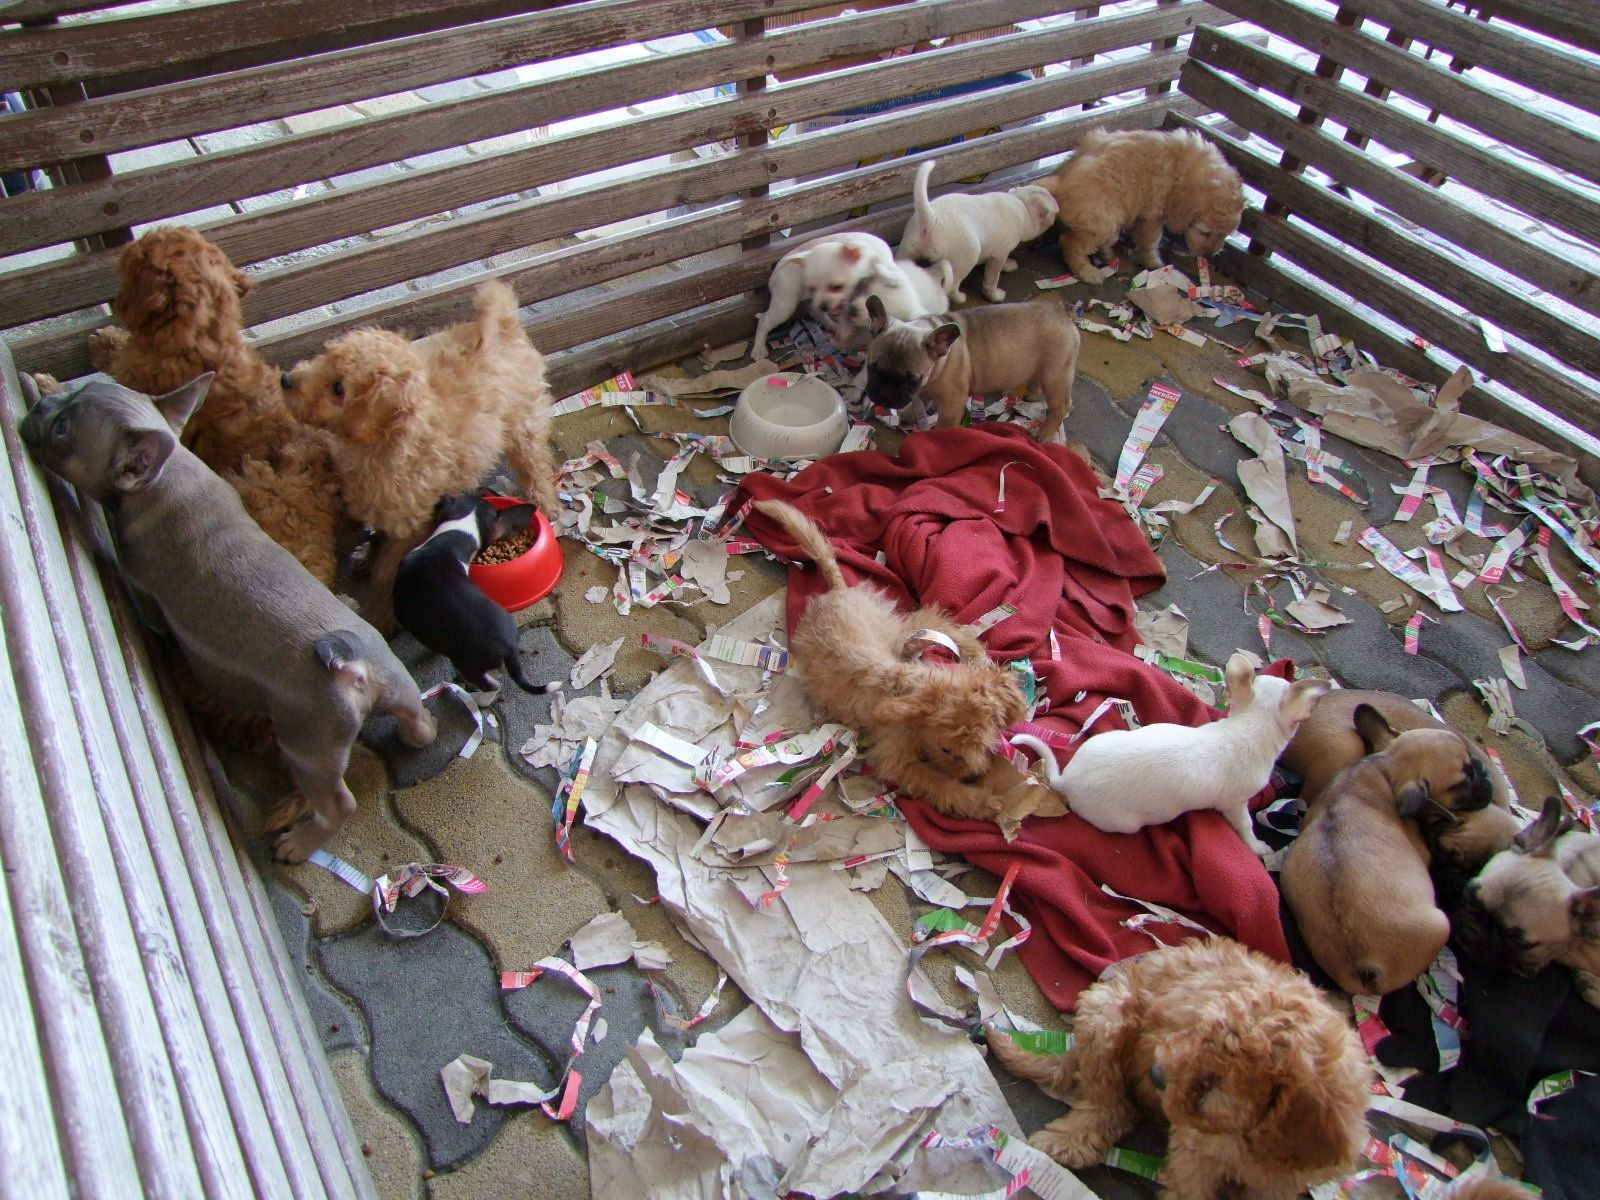 Minősített állatkínzás miatt indult eljárás a 25 kölyökkutyát kisteherautóba zsúfoló olasz férfi ellen